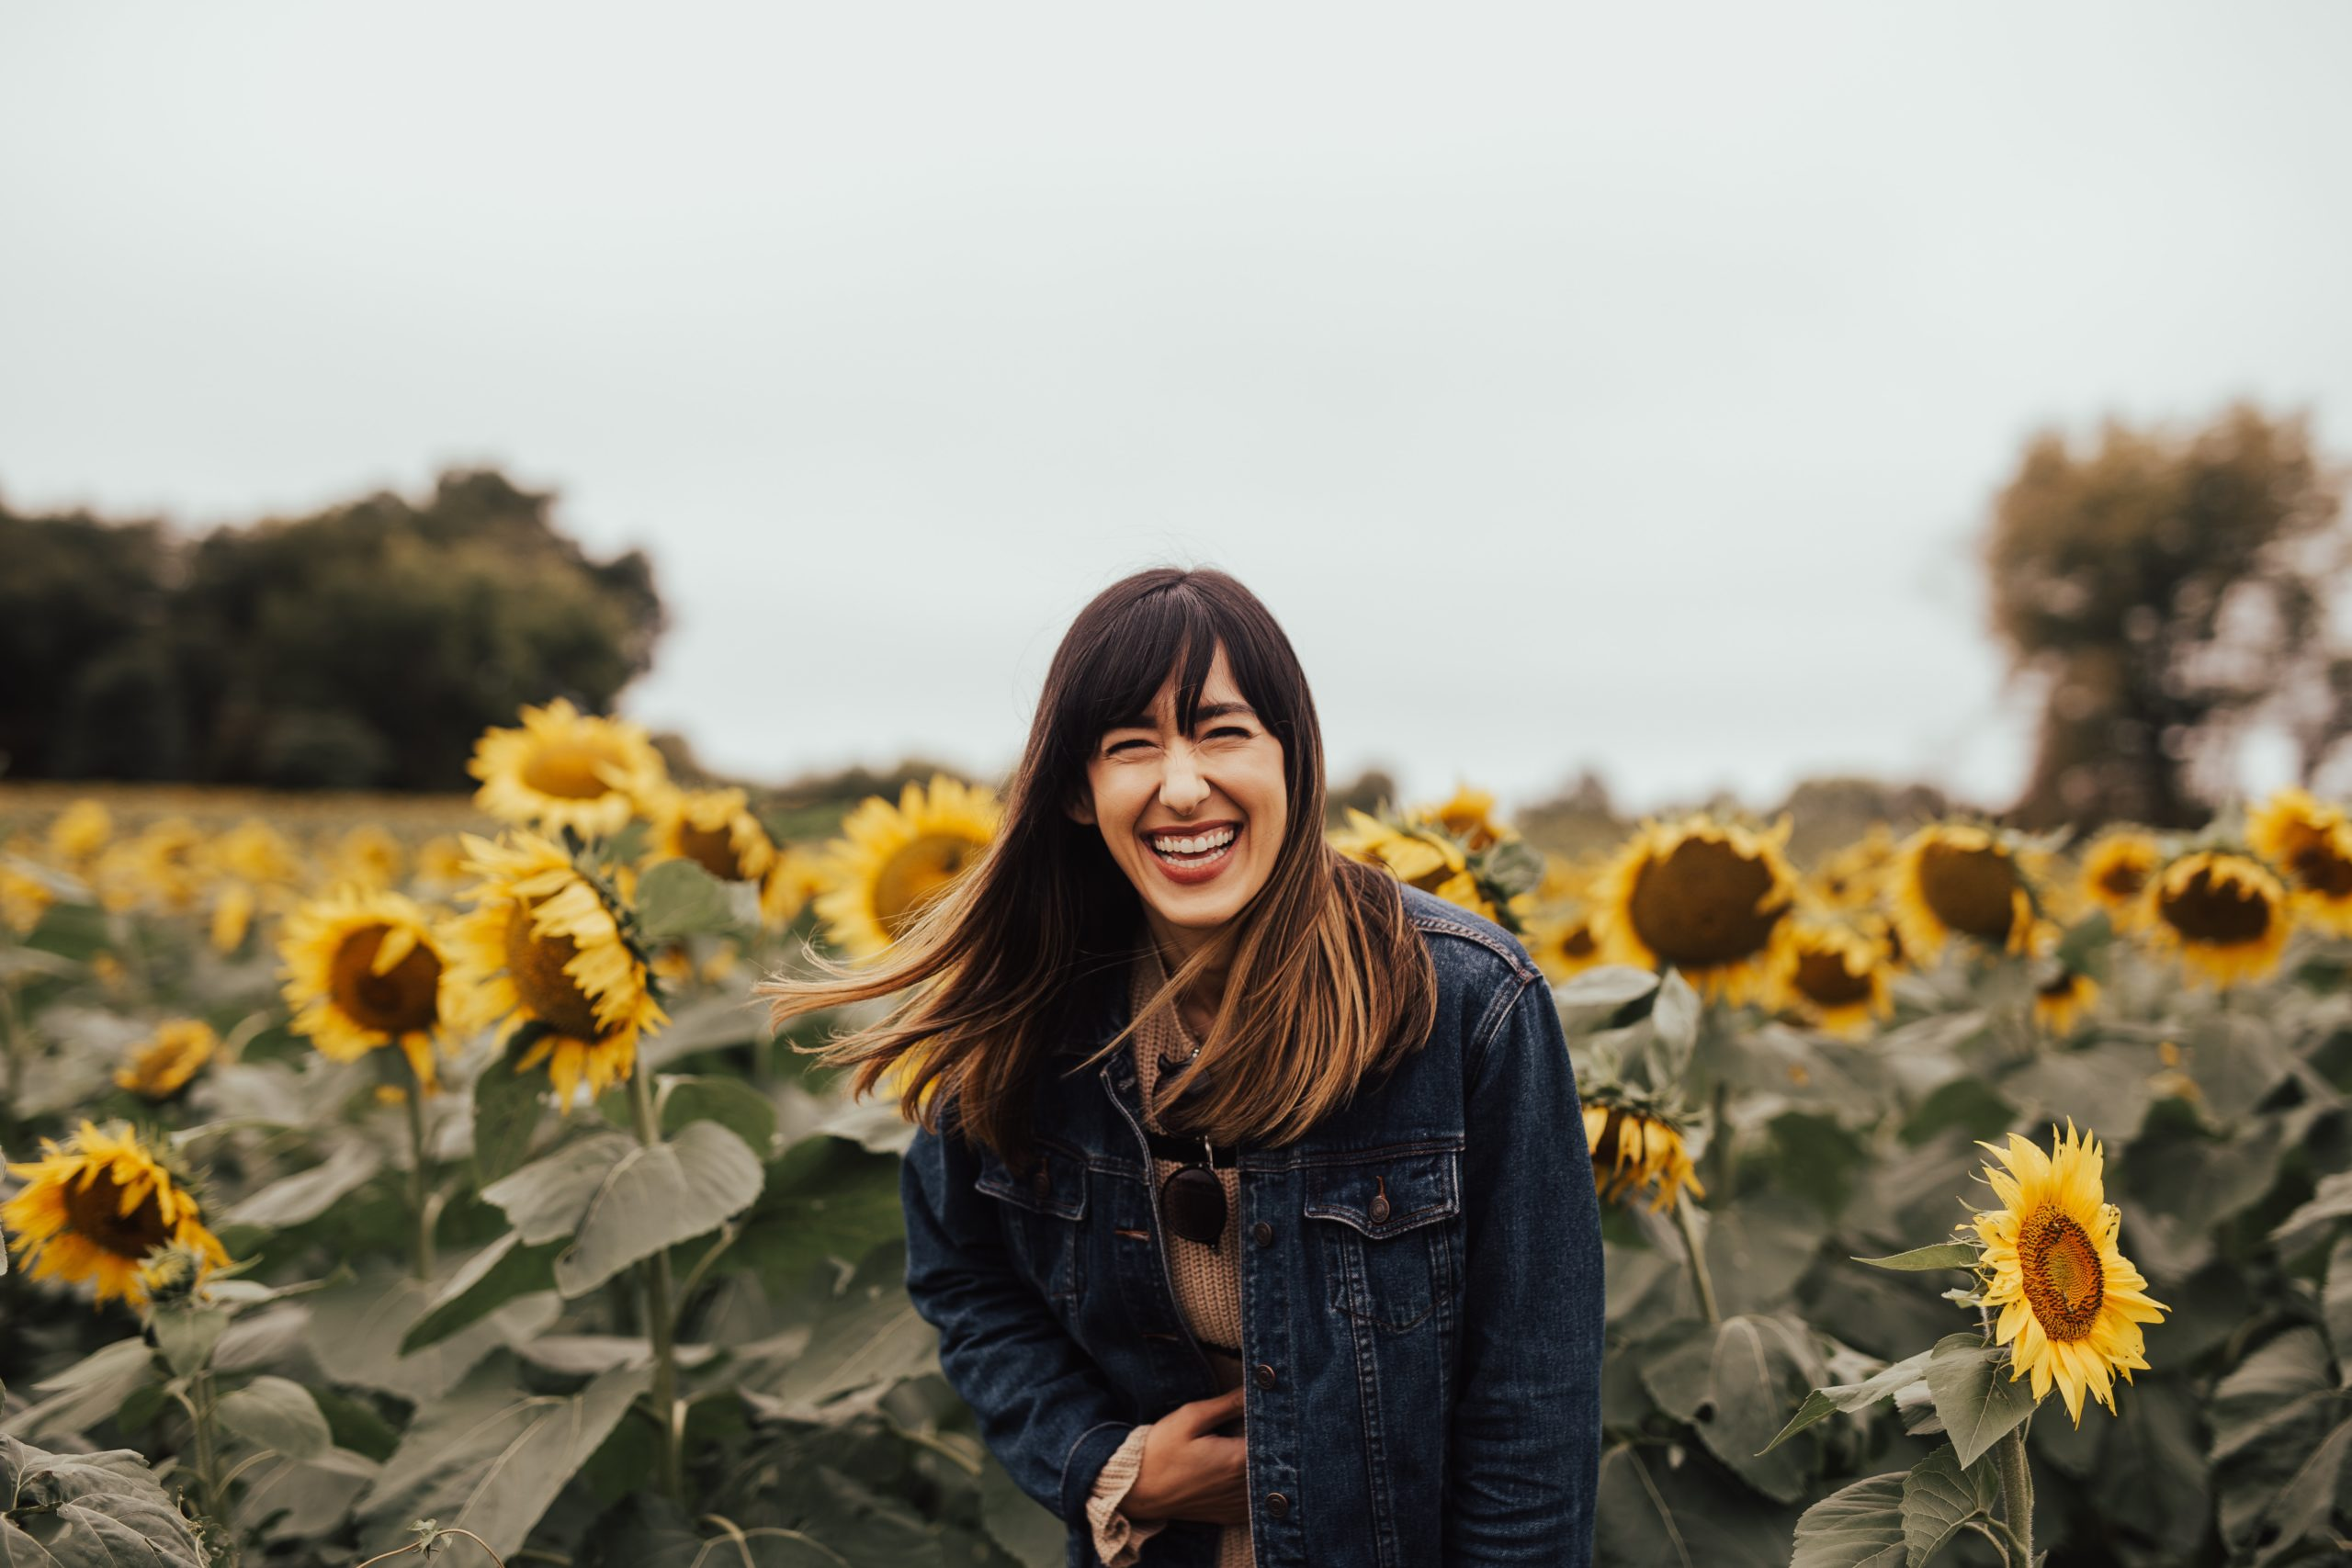 femme riant dans un champ de tournesols